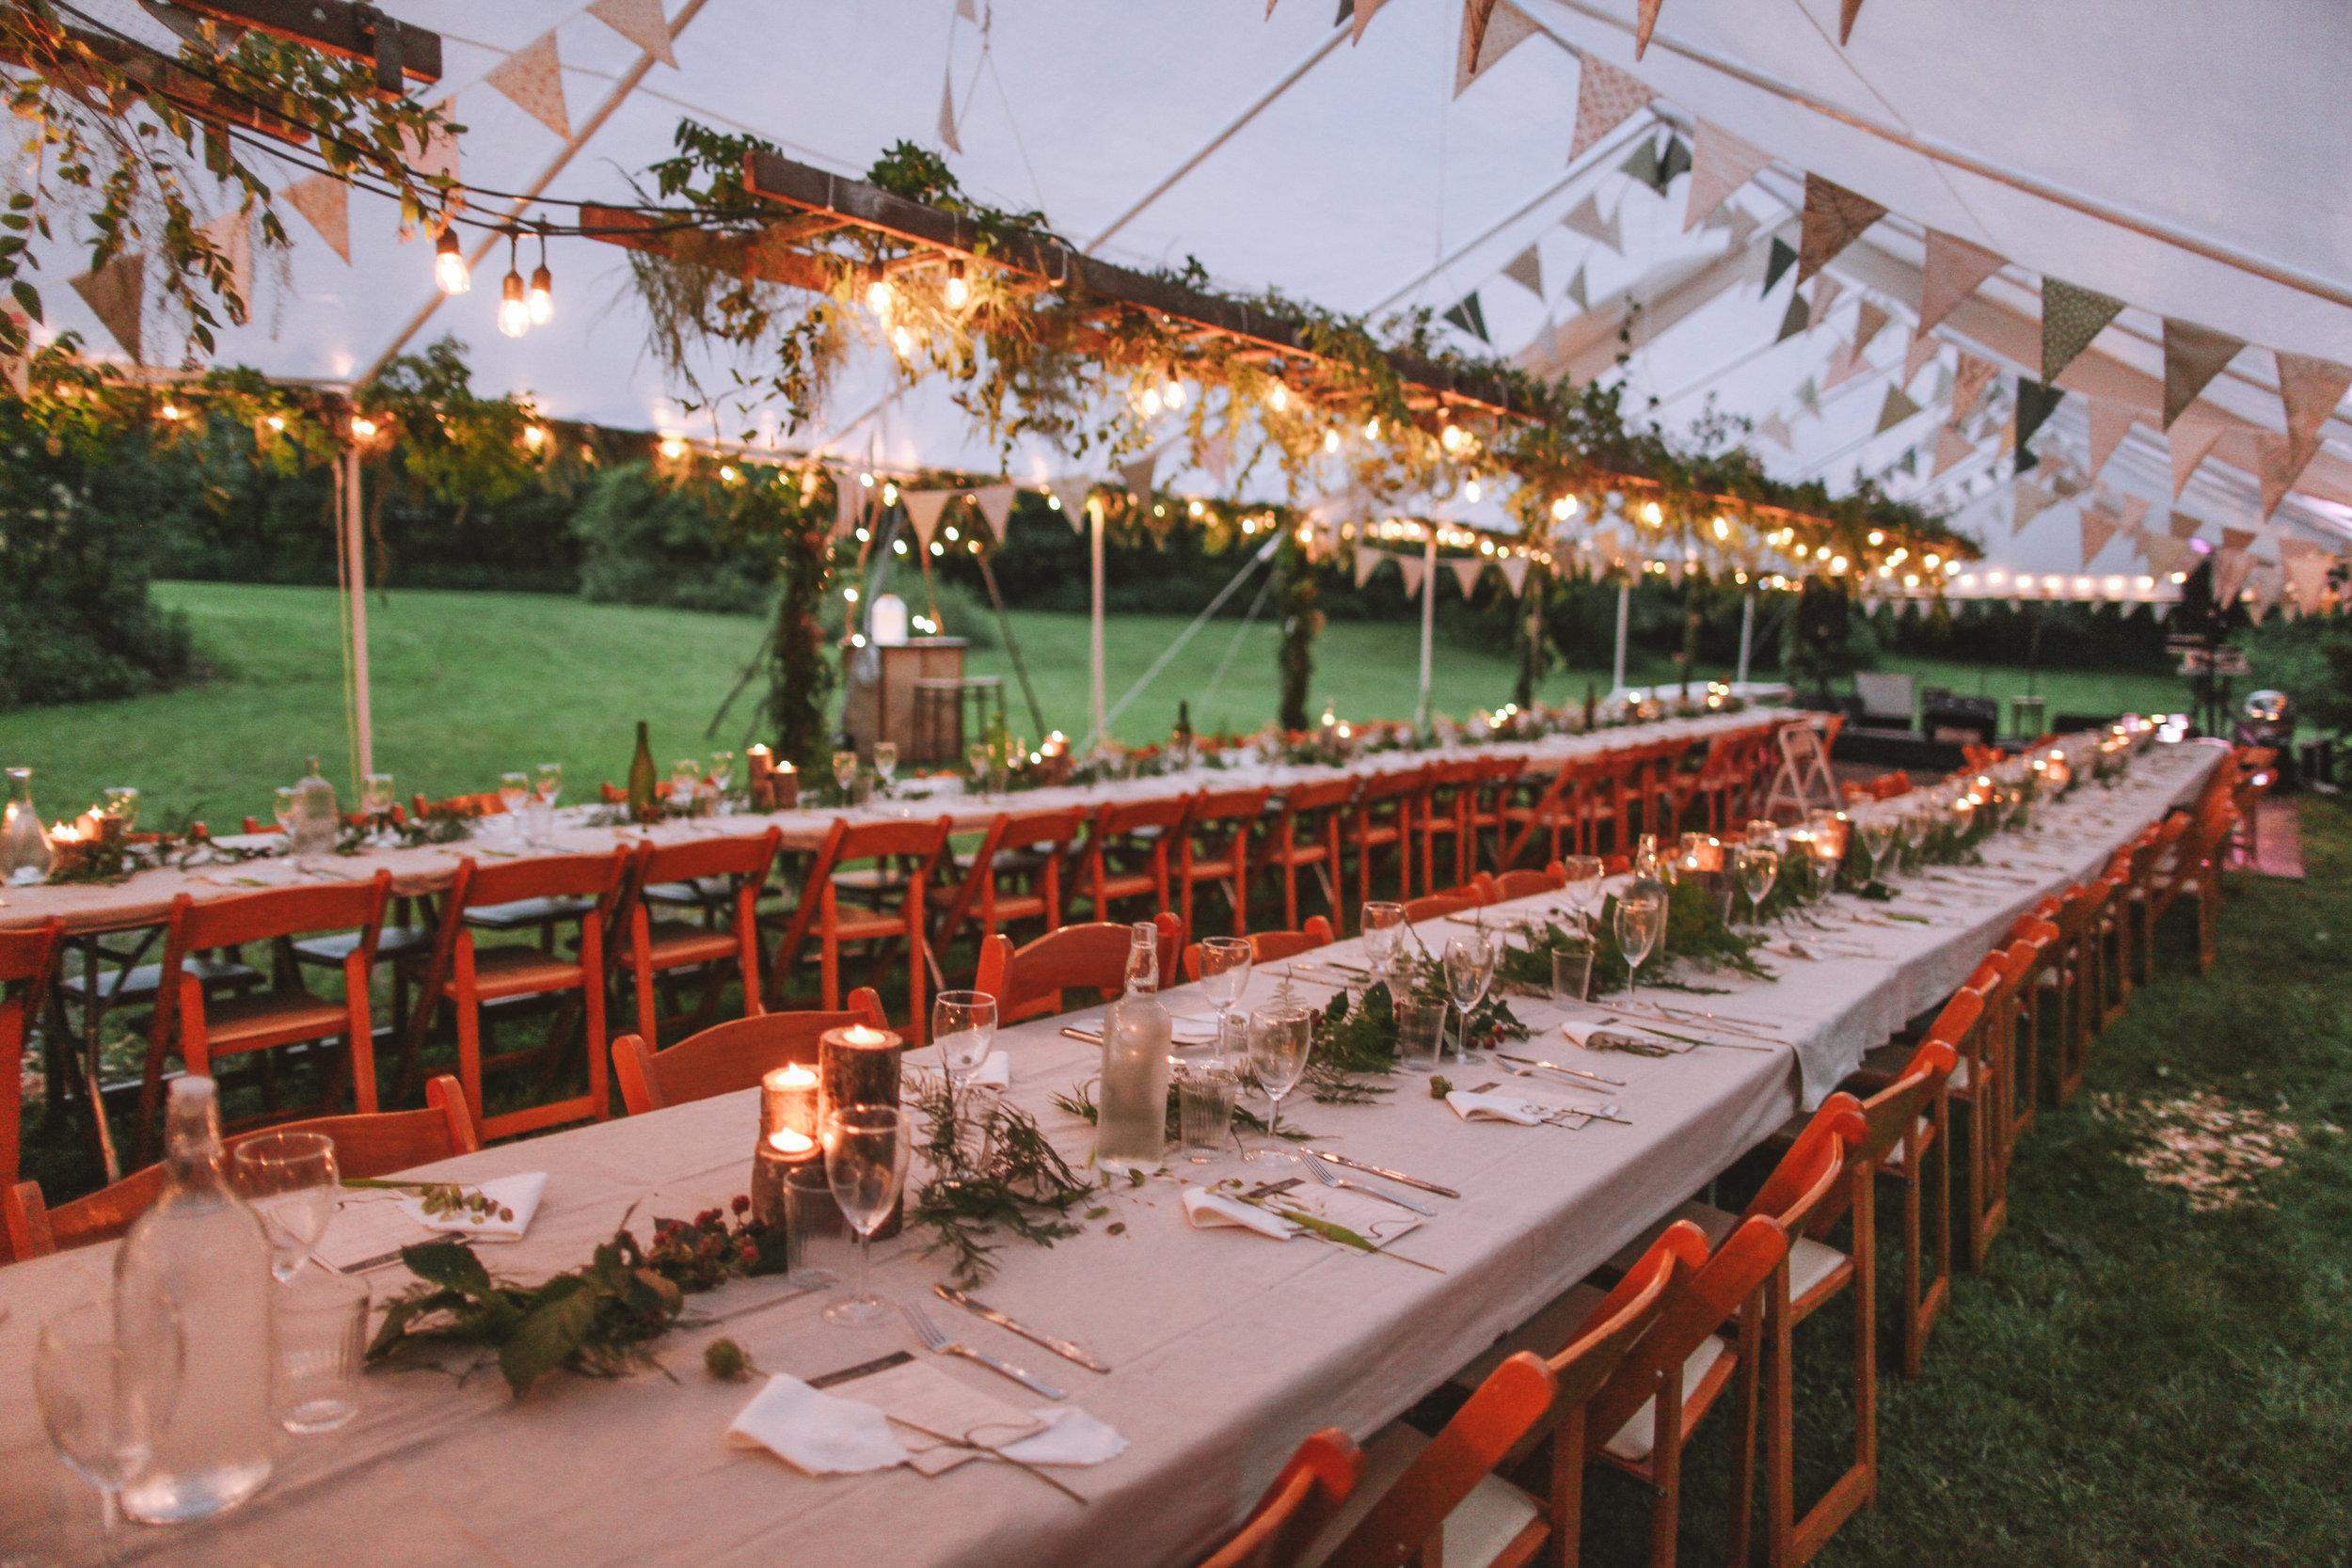 wedding_in_the_wild_reception-71.jpg